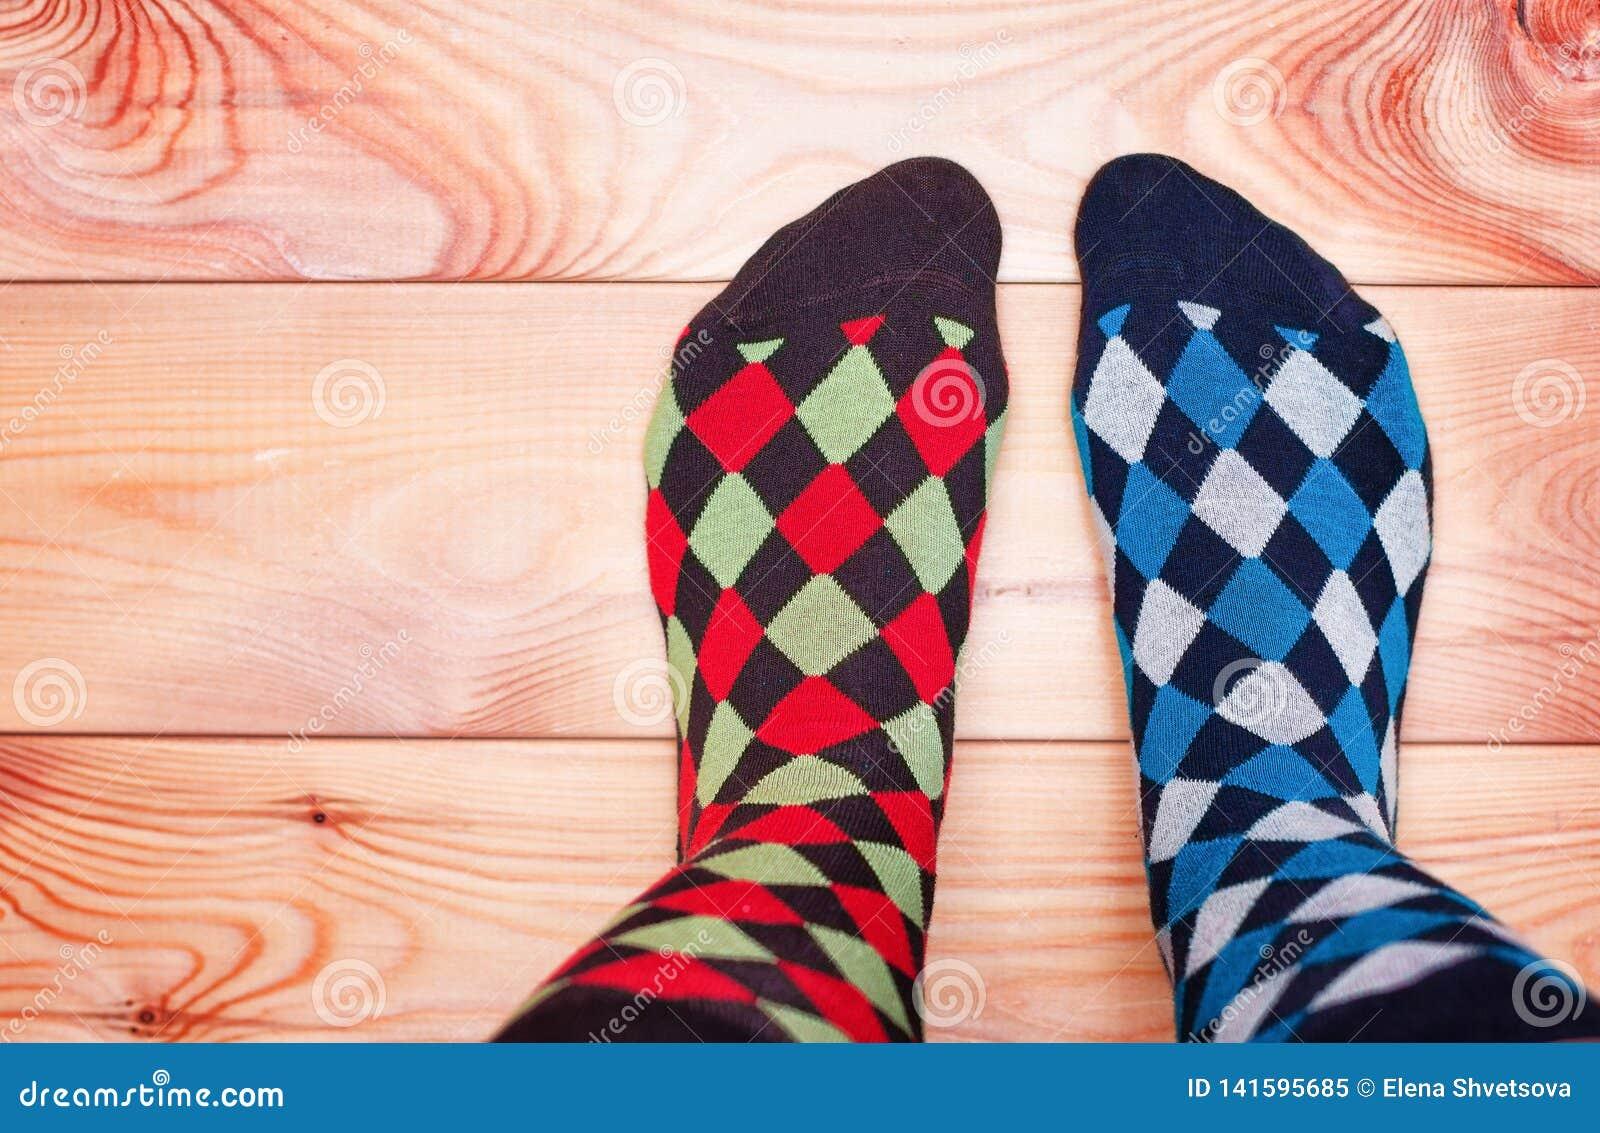 Dwa nogi w różnych pstrobarwnych skarpetach na drewnianej podłodze